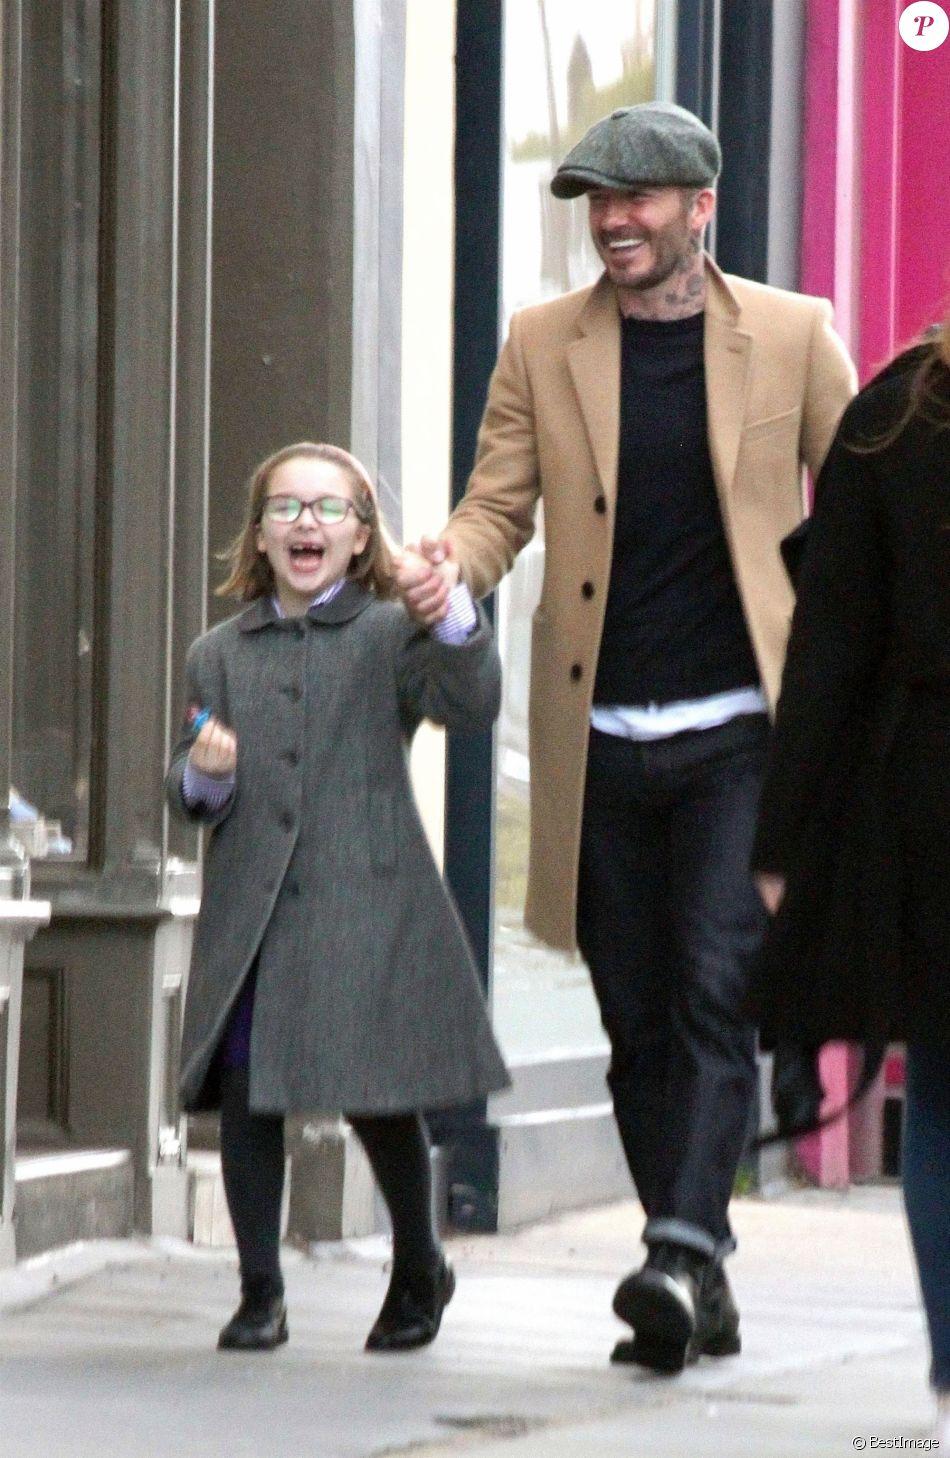 Exclusif - David Beckham accompagne sa fille Harper Seven pour une séance de shopping à Londres. Londres, le 18 mars 2019.